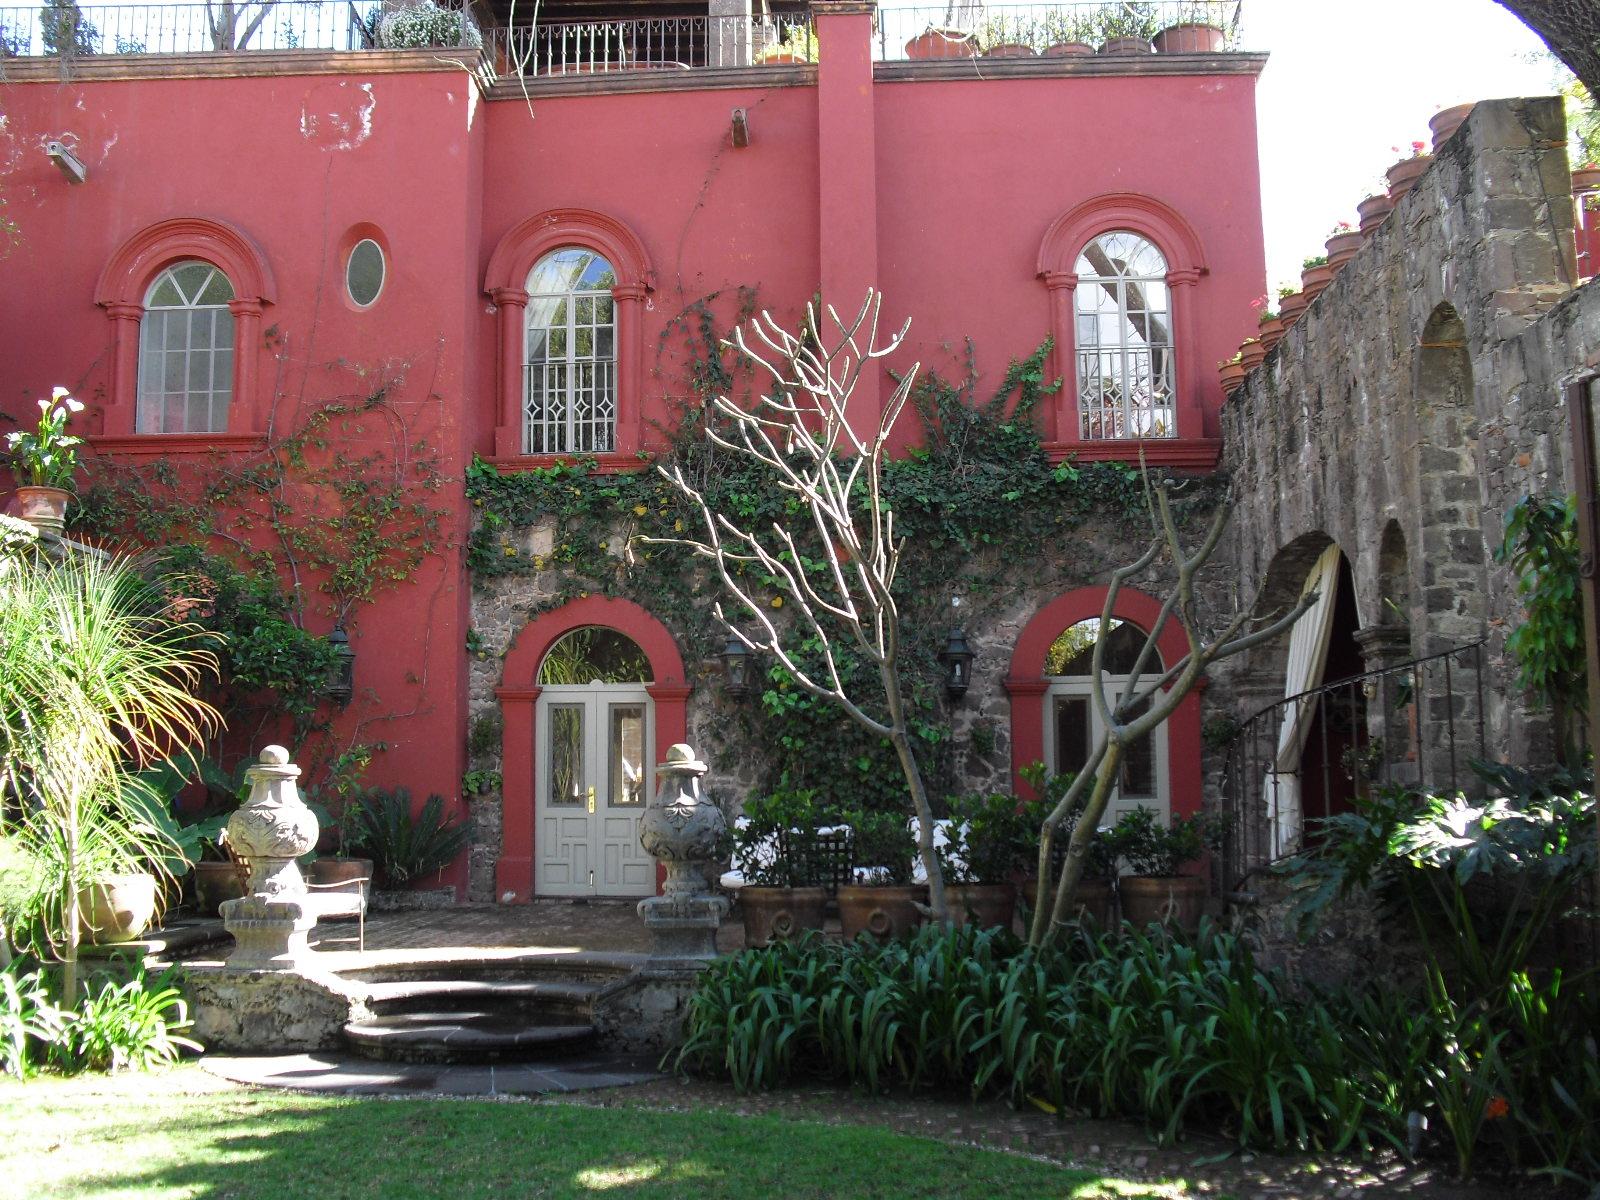 CasaTortugas_20 exterior